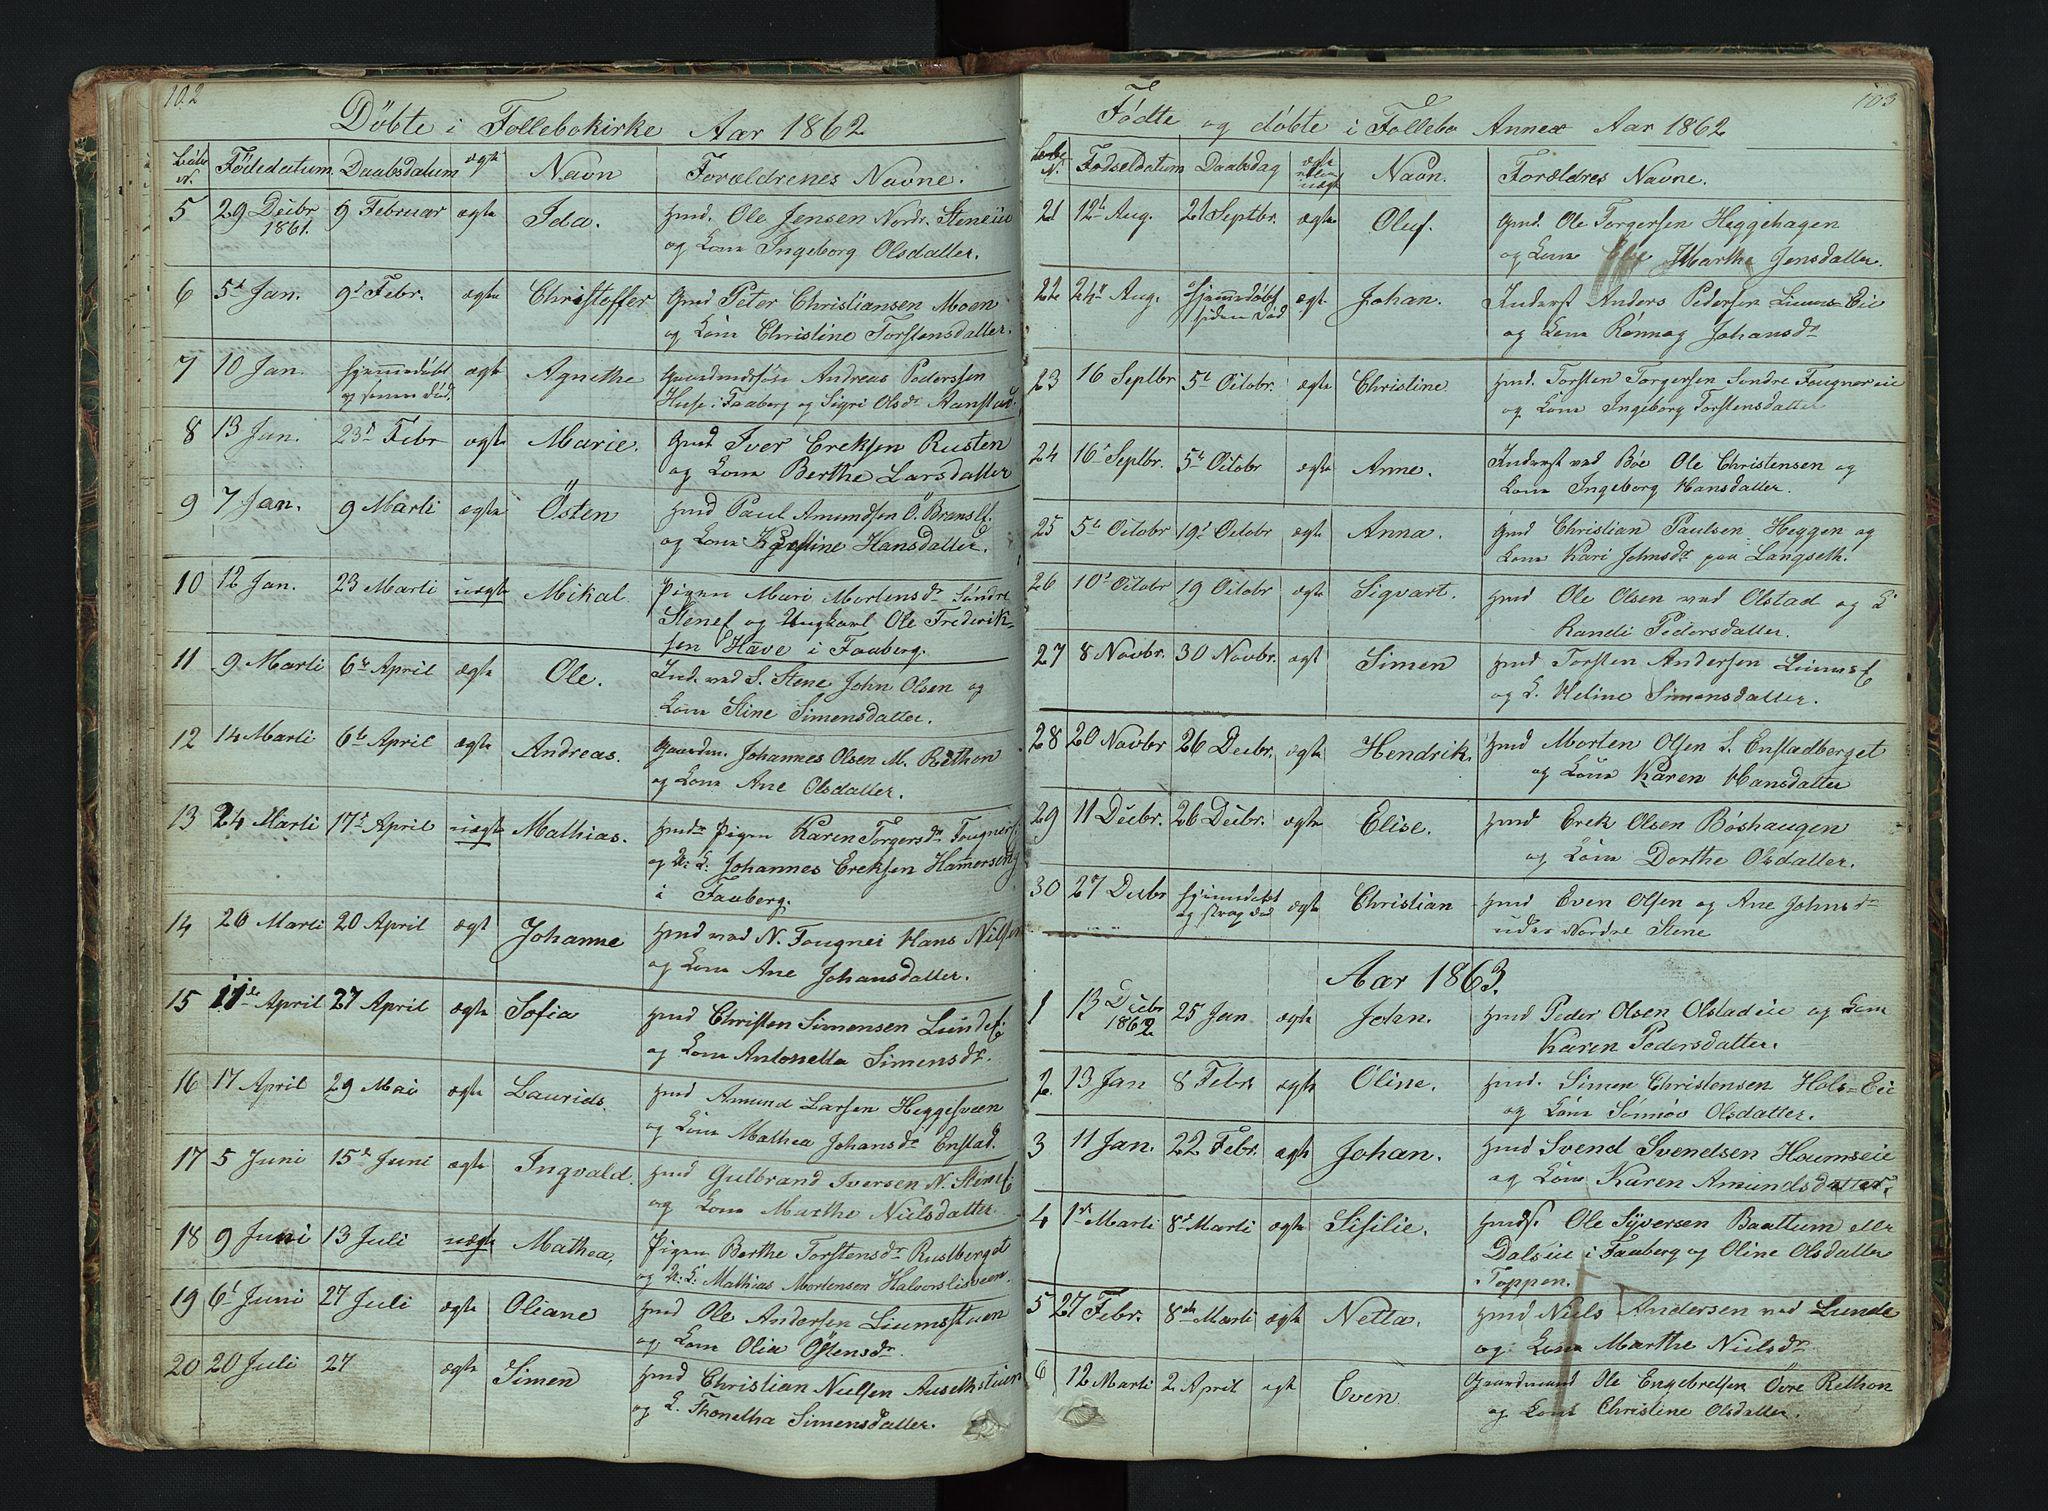 SAH, Gausdal prestekontor, Klokkerbok nr. 6, 1846-1893, s. 102-103